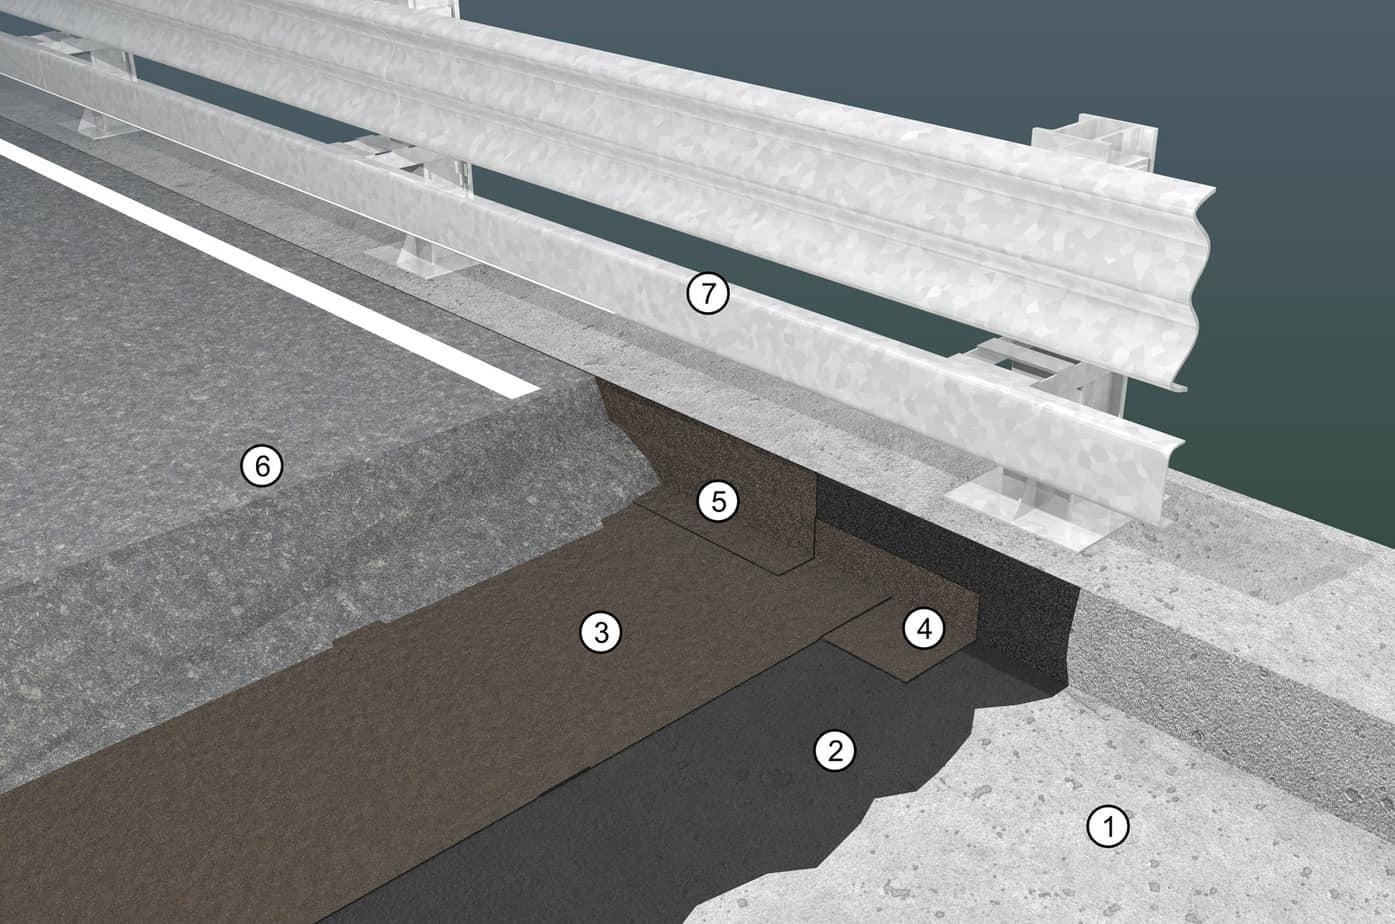 La stratigrafia monostrato:  supporto-soletta in cemento armato; primer bituminoso Polyprimer HP 45 Professional o Idroprimer o primer epossidico Epoxy Primer; membrana impermeabilizzante per ponti Polyglass (tipo Polybond HP, Polyflex HP, Elastoflex HP, Evolight HP o Polyflex HP Light, dello spessore suggerito di 5 mm); striscia di rinforzo con membrana impermeabilizzante Polyglass; risvolto verticale con membrana impermeabilizzante per ponti Polyglass; pavimentazione-binder stradale e strato di usura come da progetto; guard rail